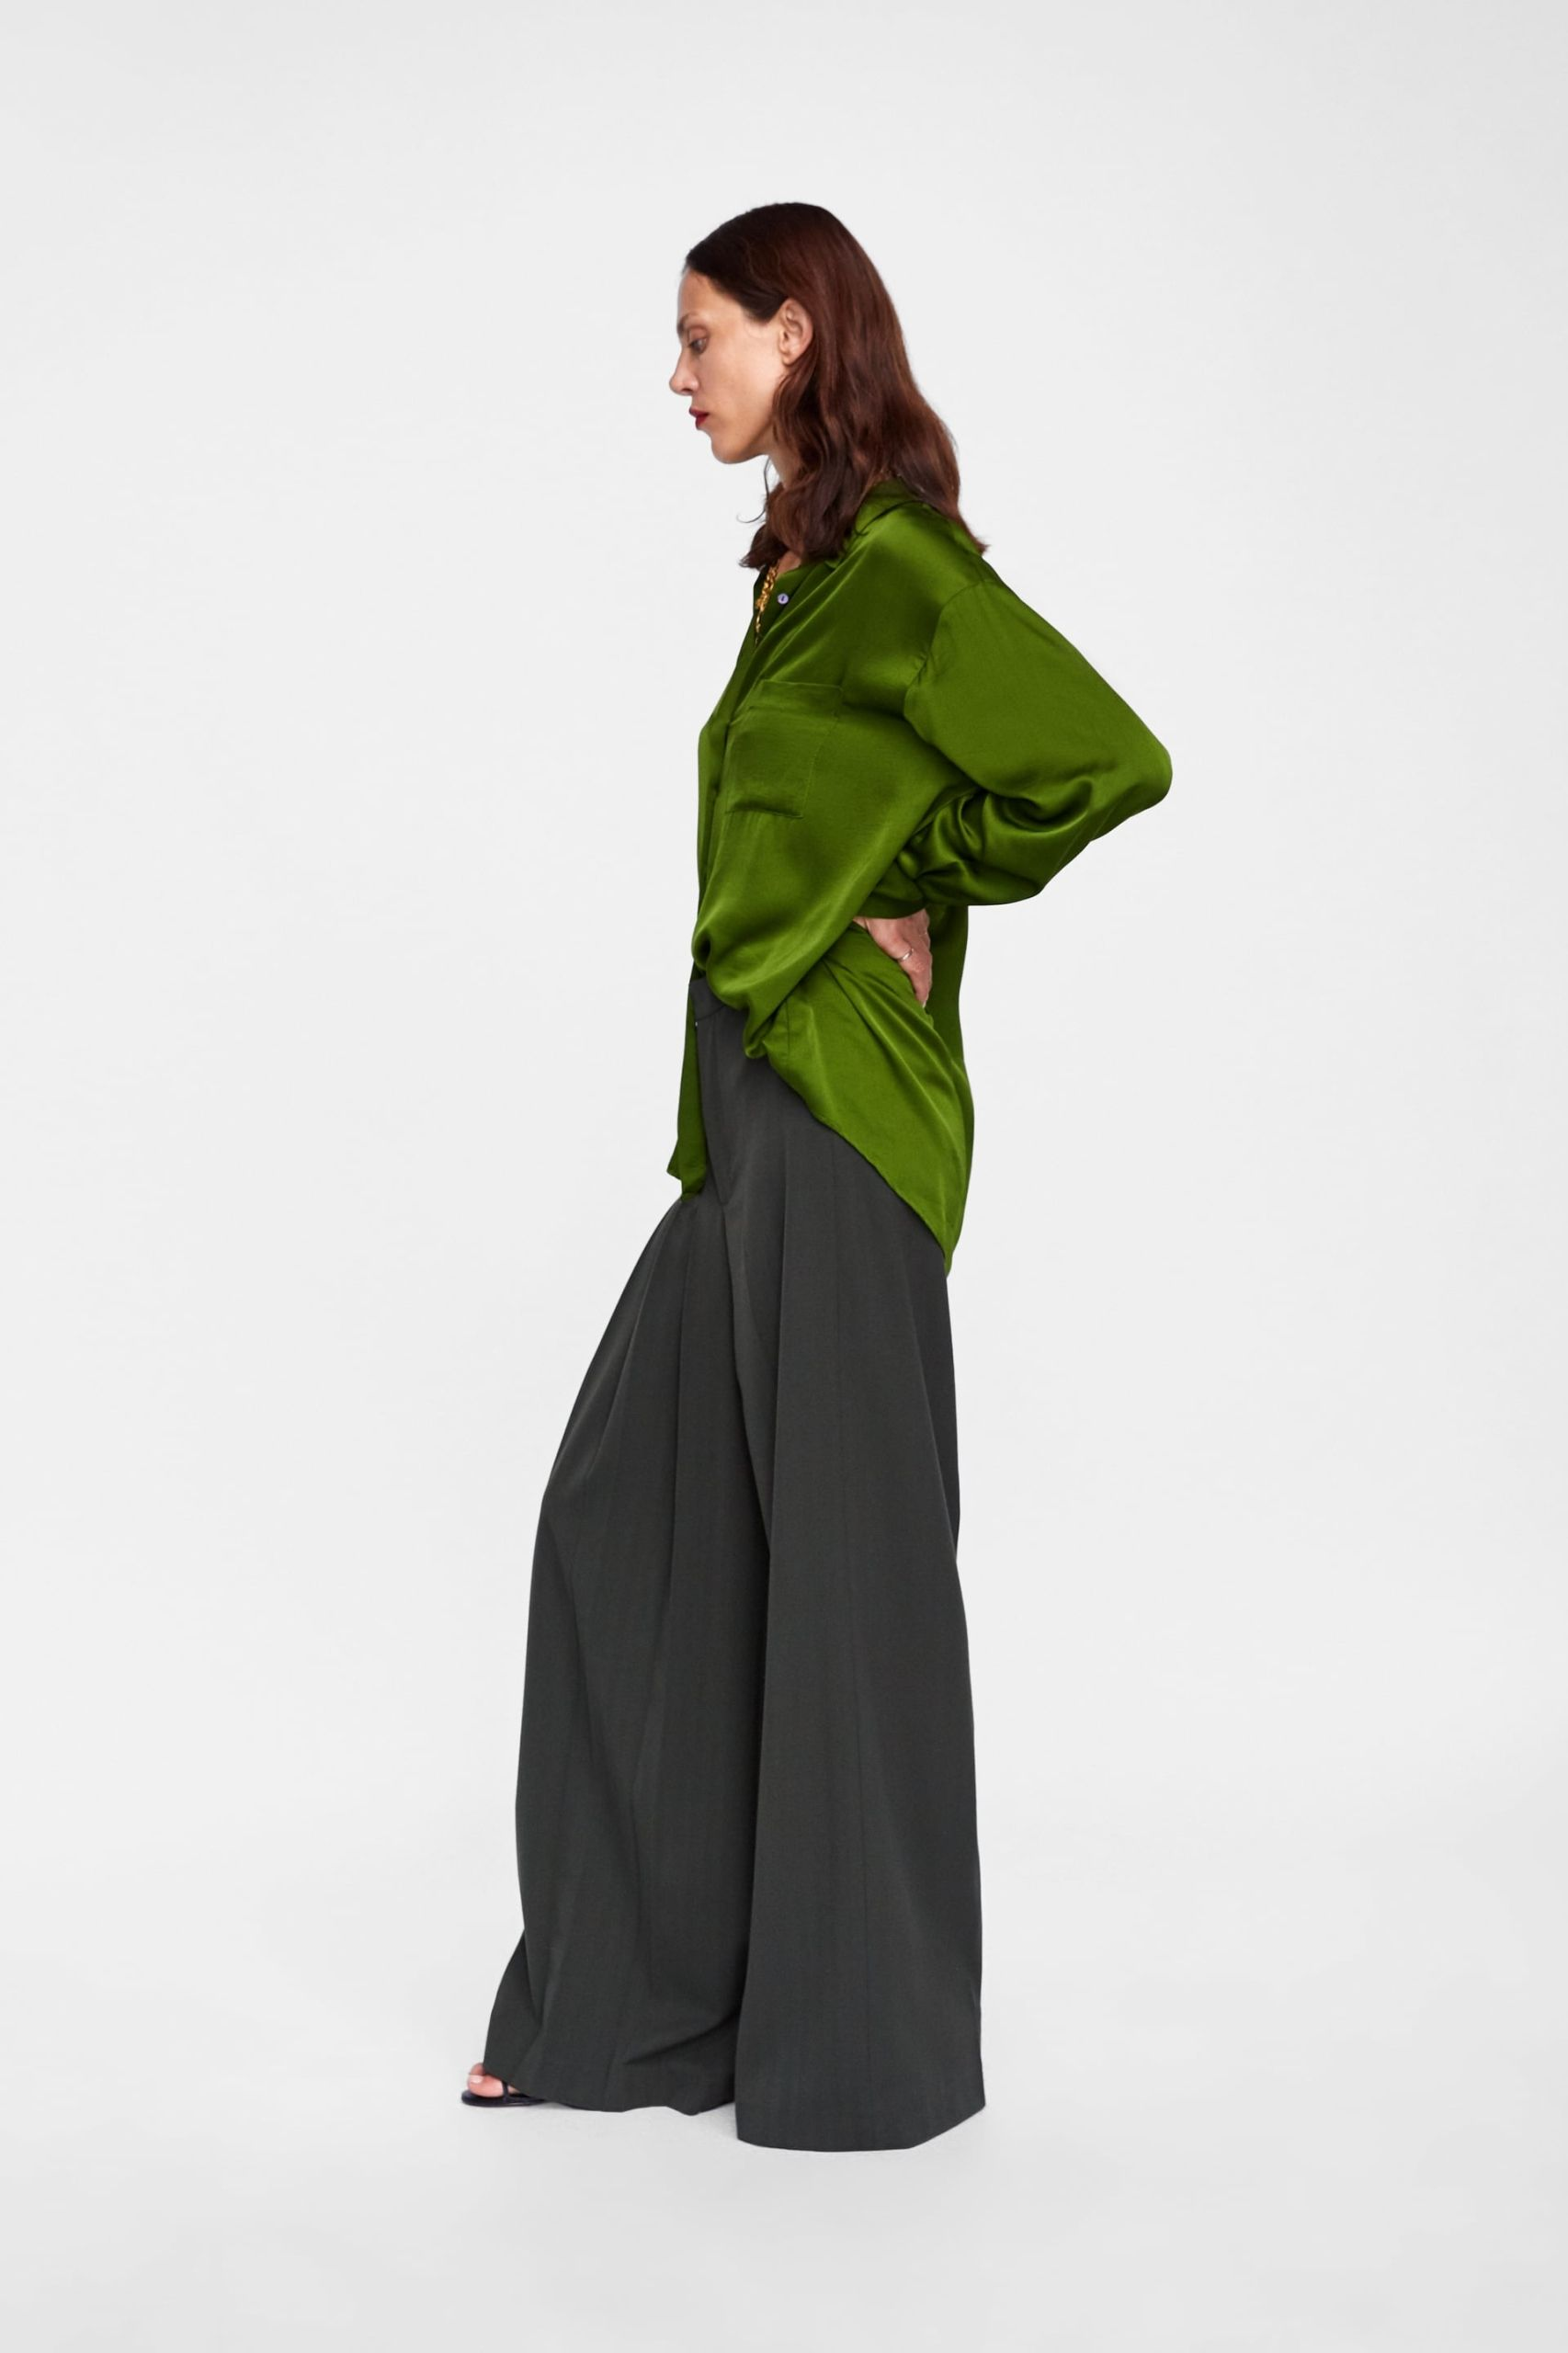 Luksusowa Piekna Koszula Zara M Satynowa 7813339264 Allegro Pl Fashion Normcore Style